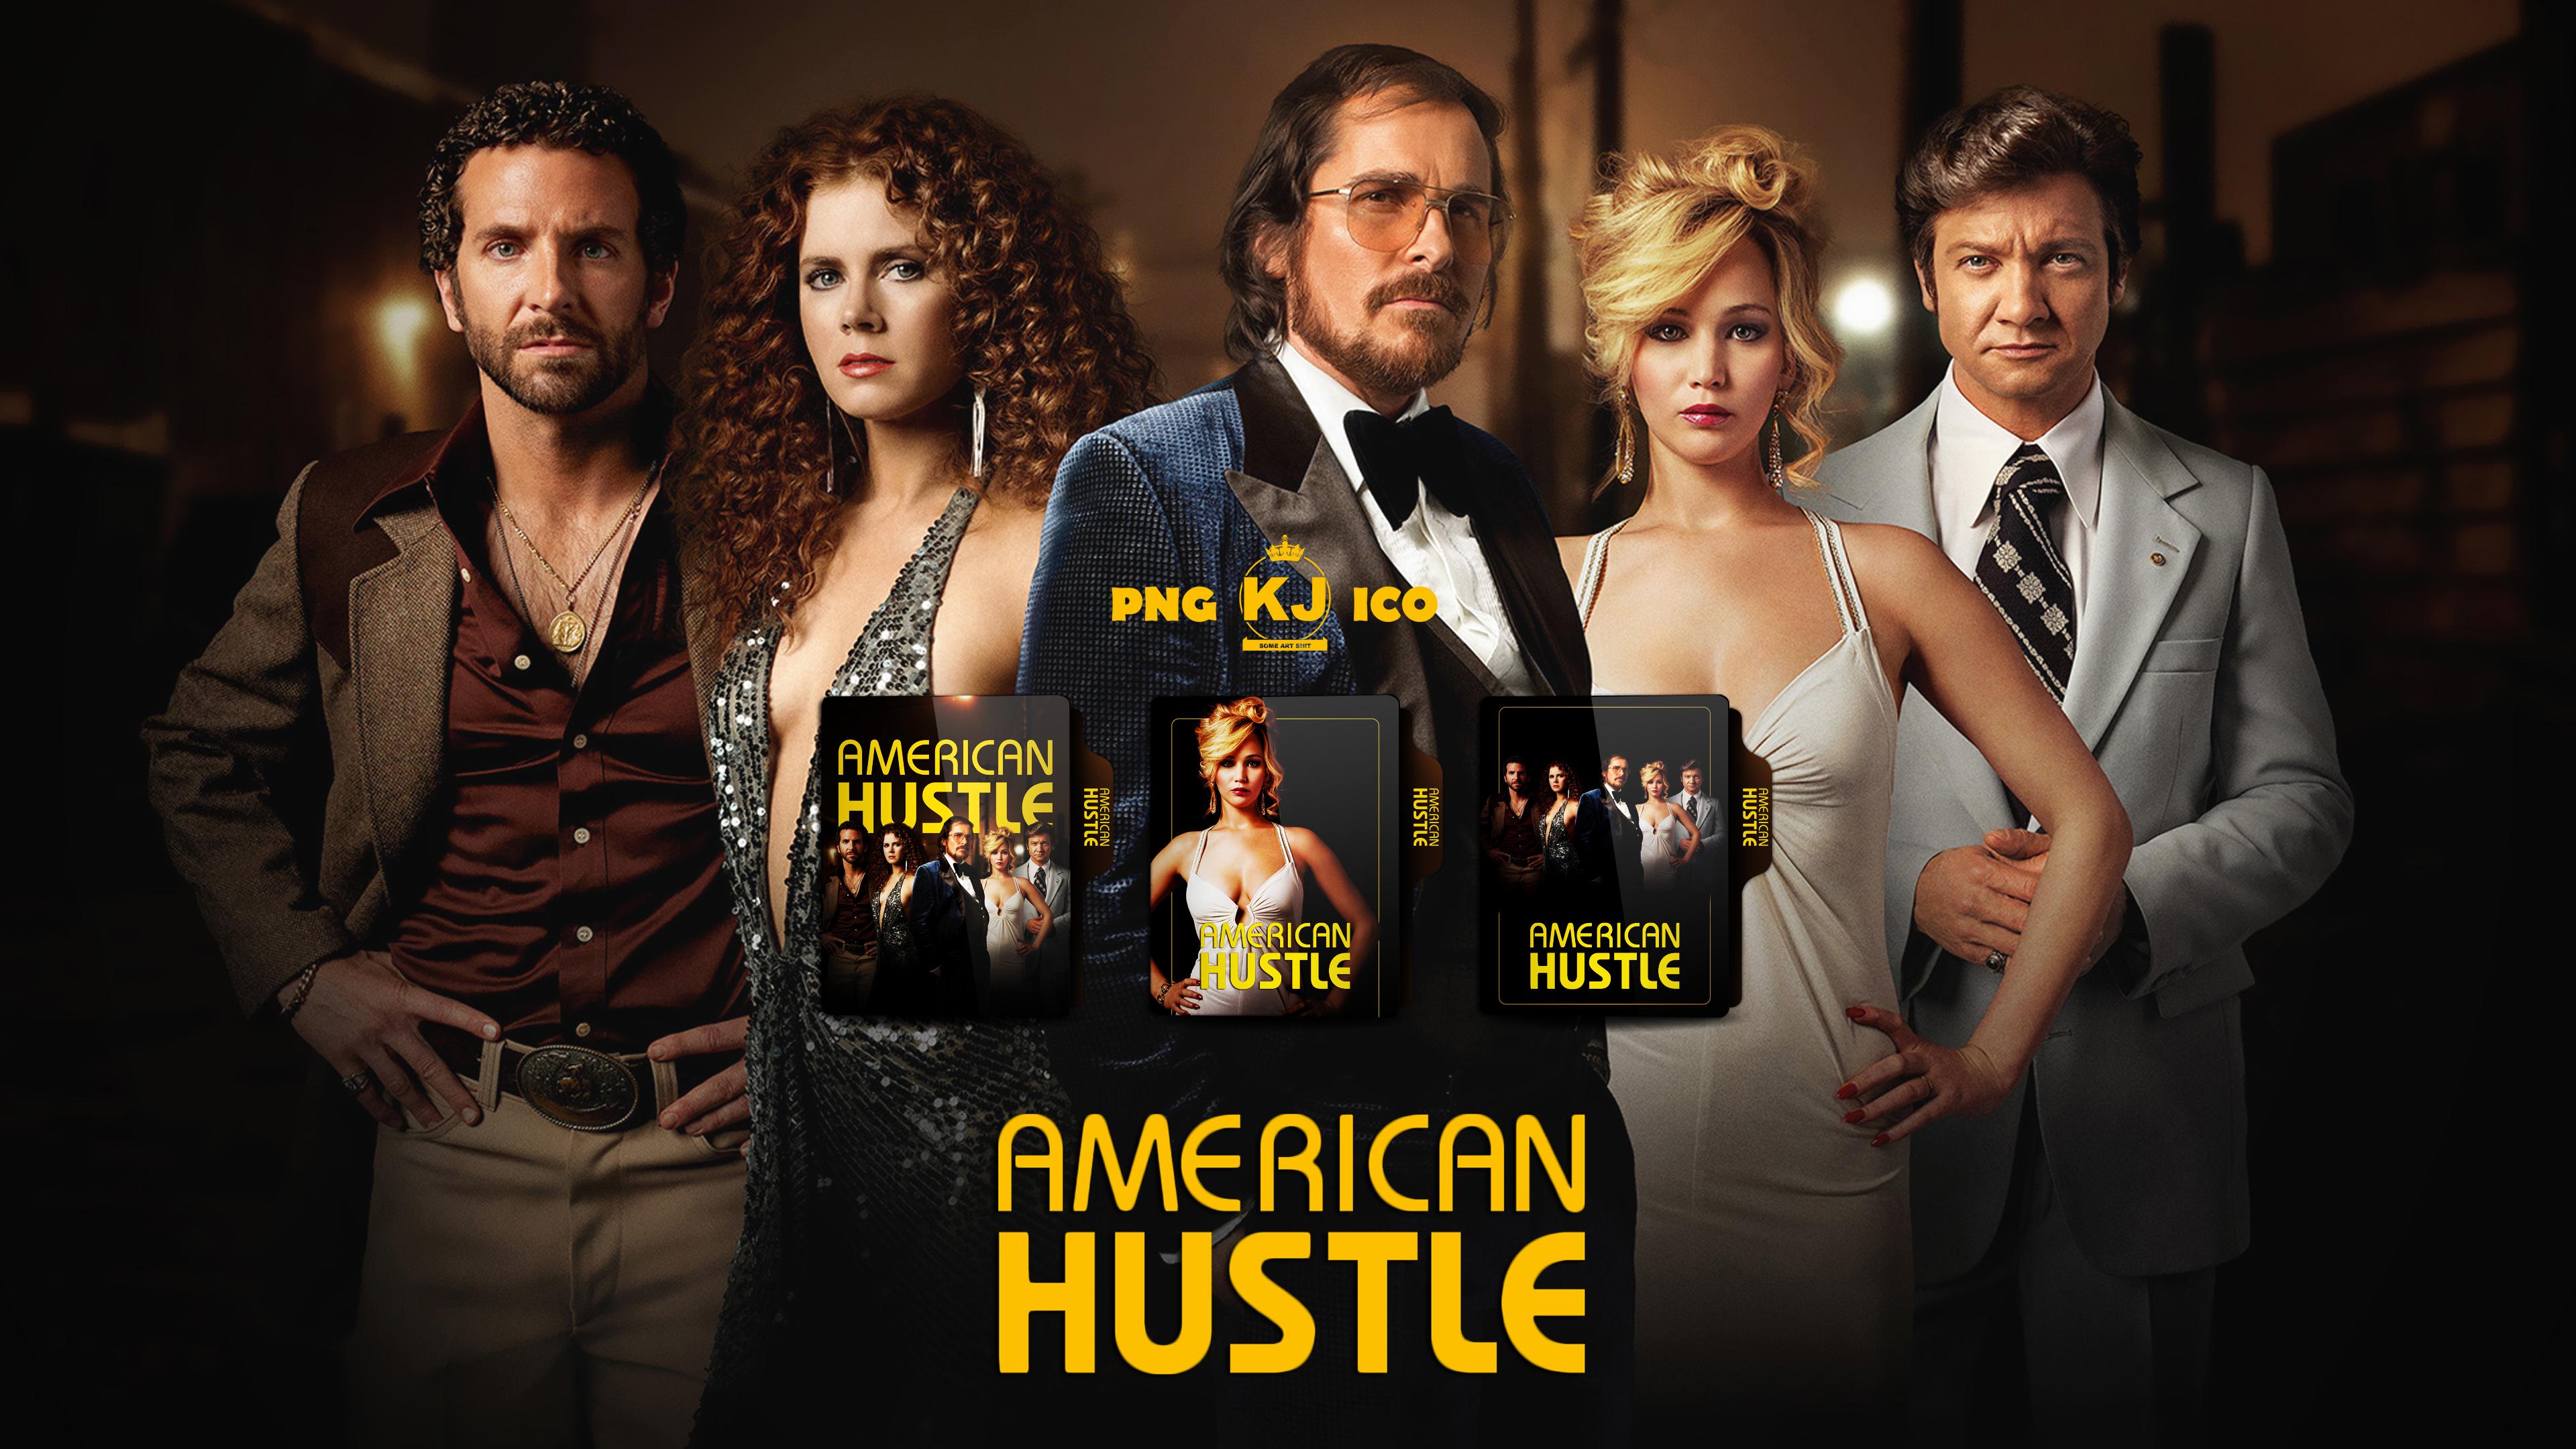 American Hustle 2013 Folder Icon By Kingjoe93 On Deviantart